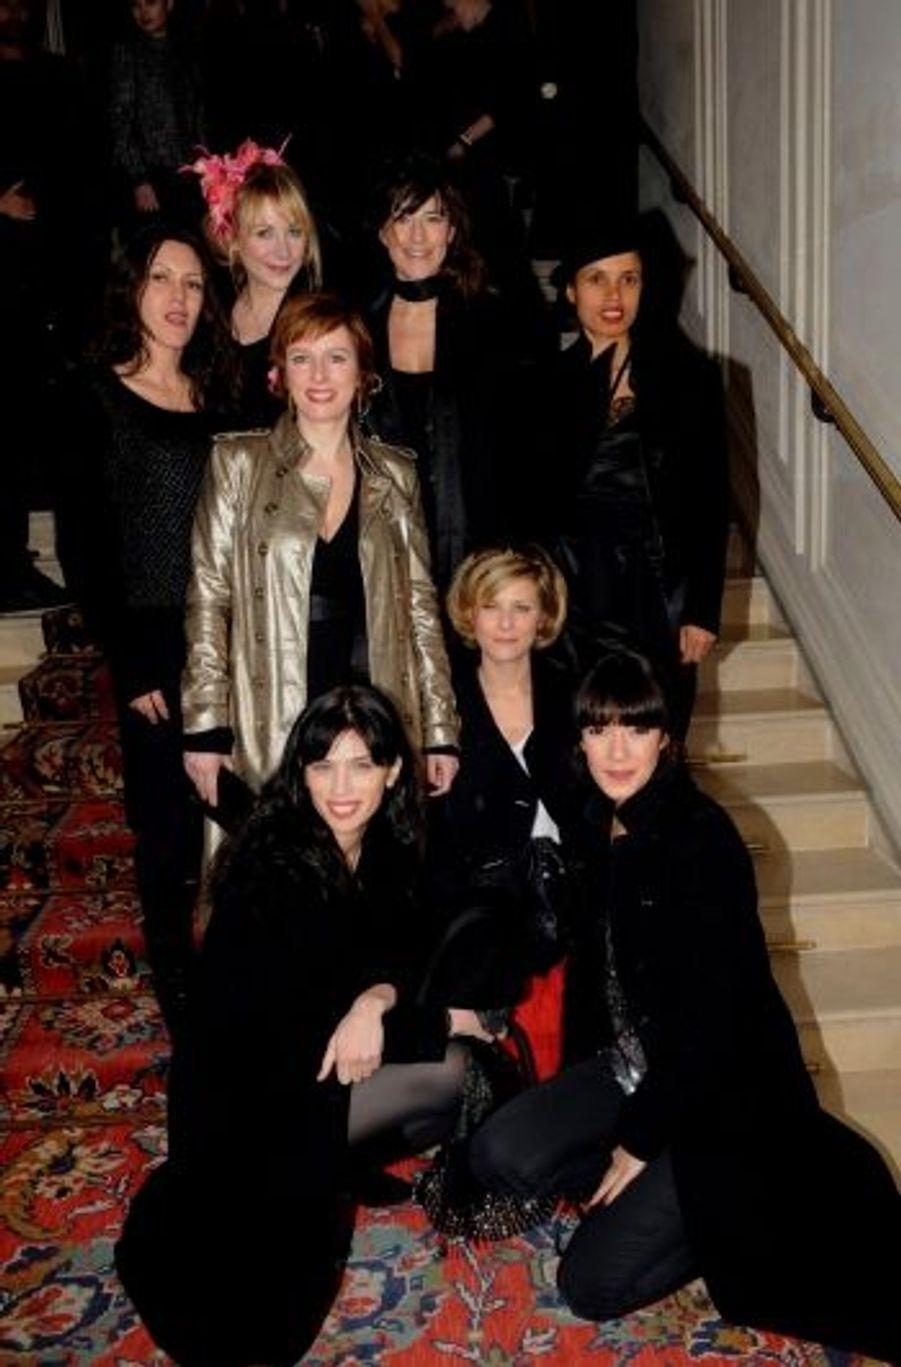 Chef de fileC'est avec son équipe du « Bal des actrices » que Maïwenn Le Besco (en bas à g.) a débarqué au Ritz.